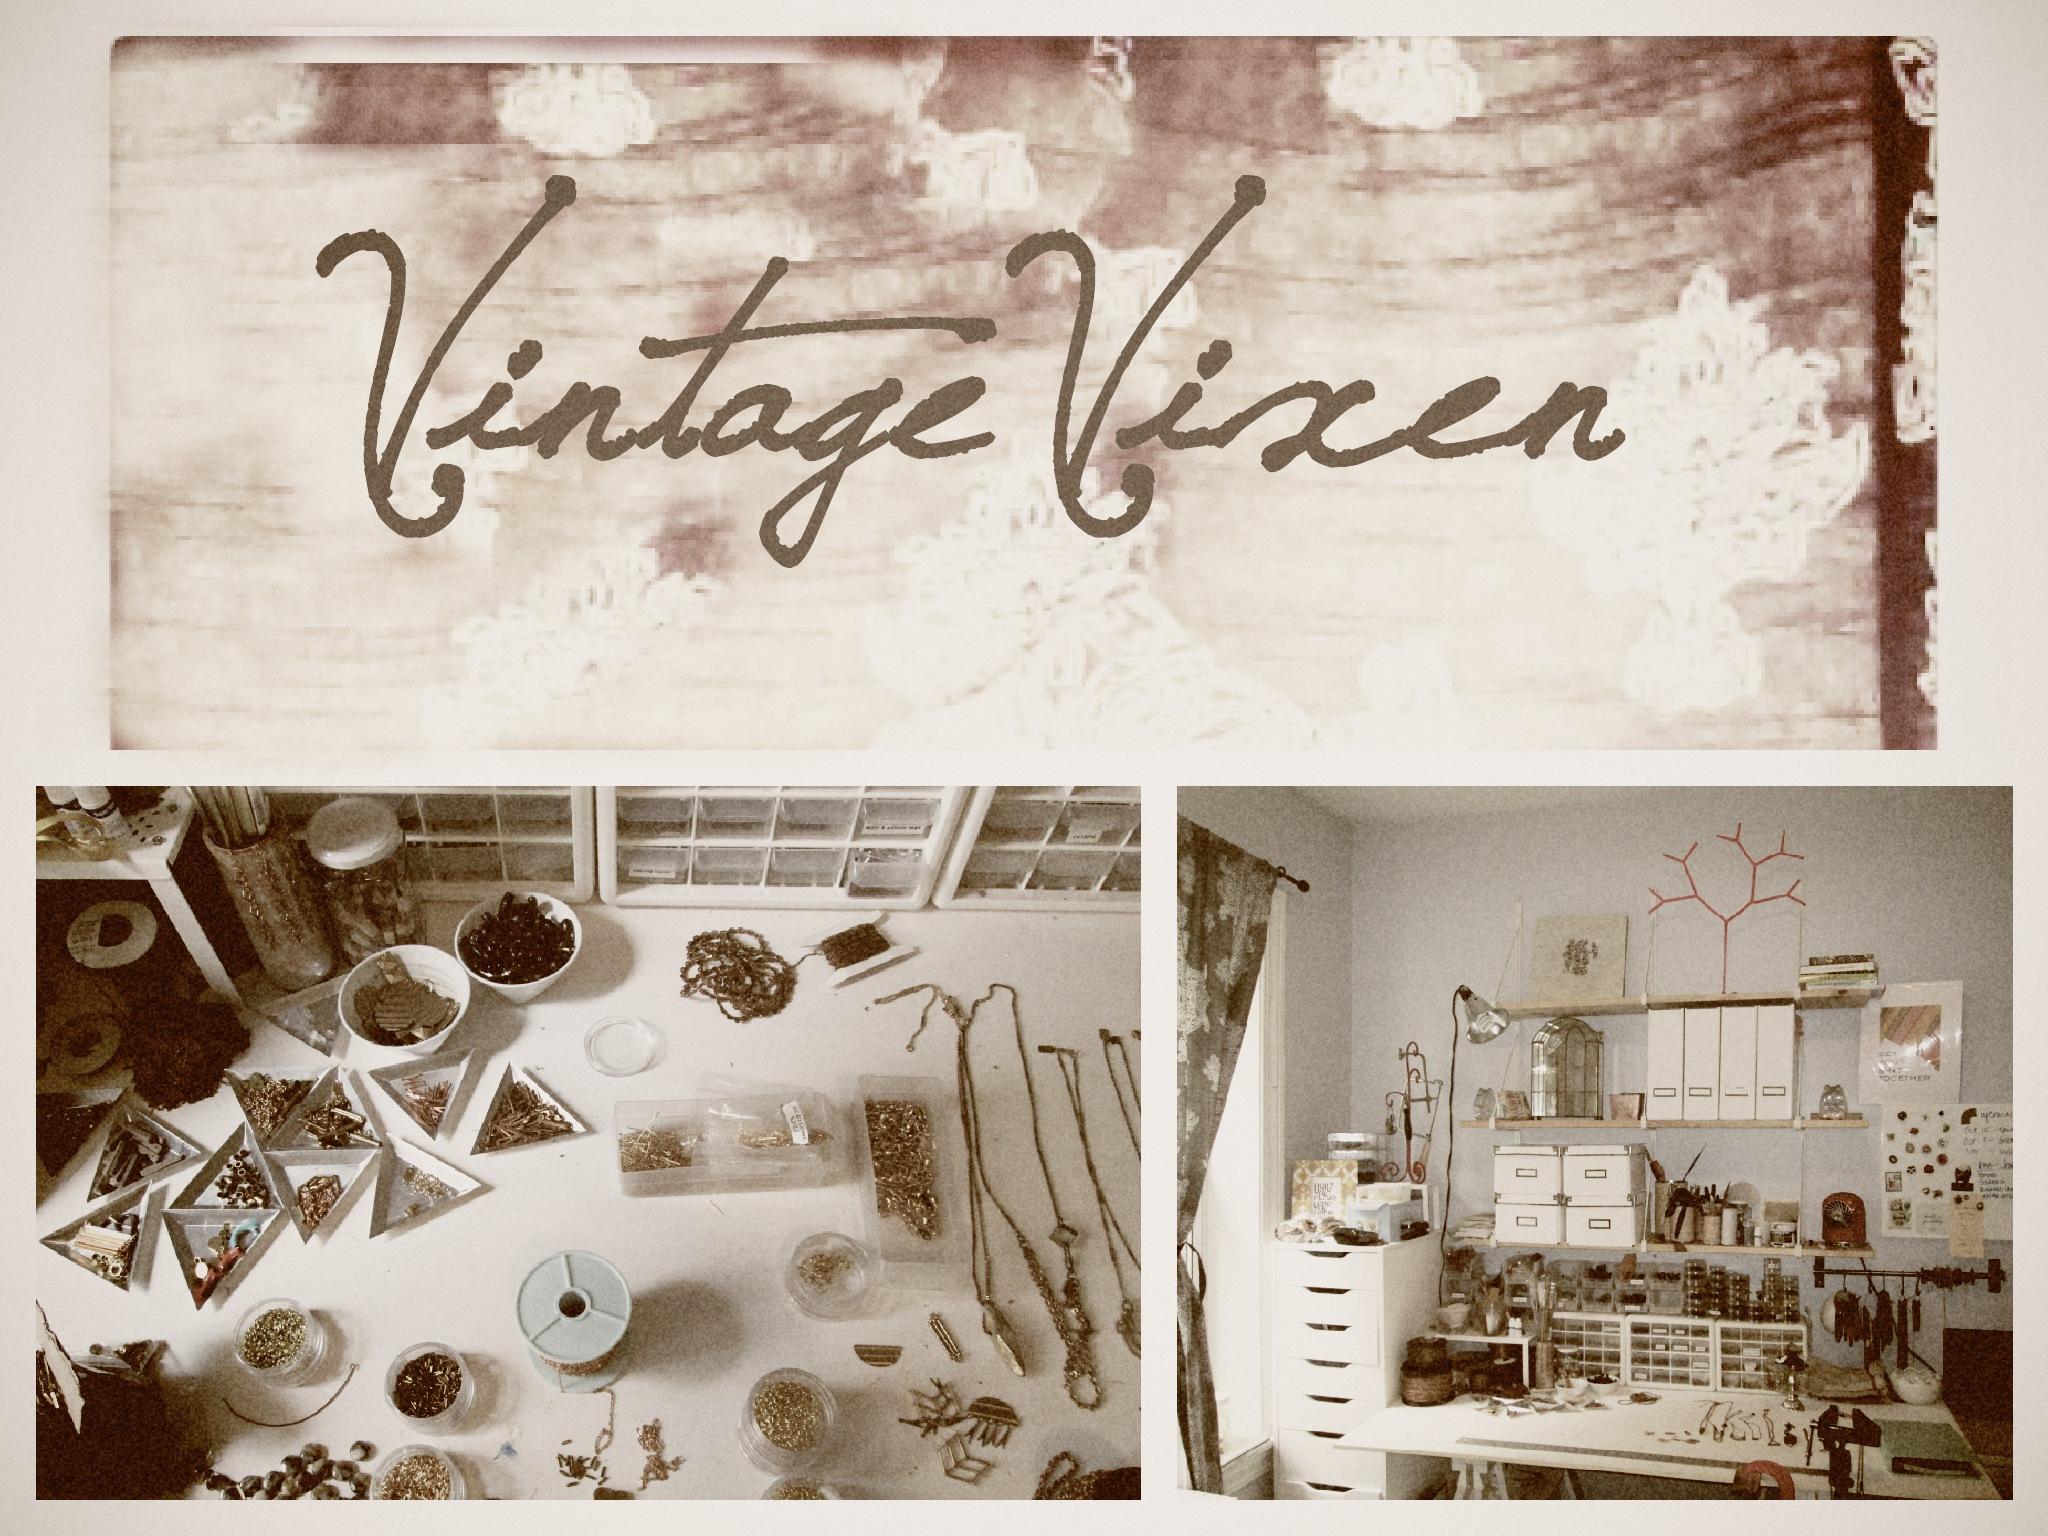 Vintage Vixen copy